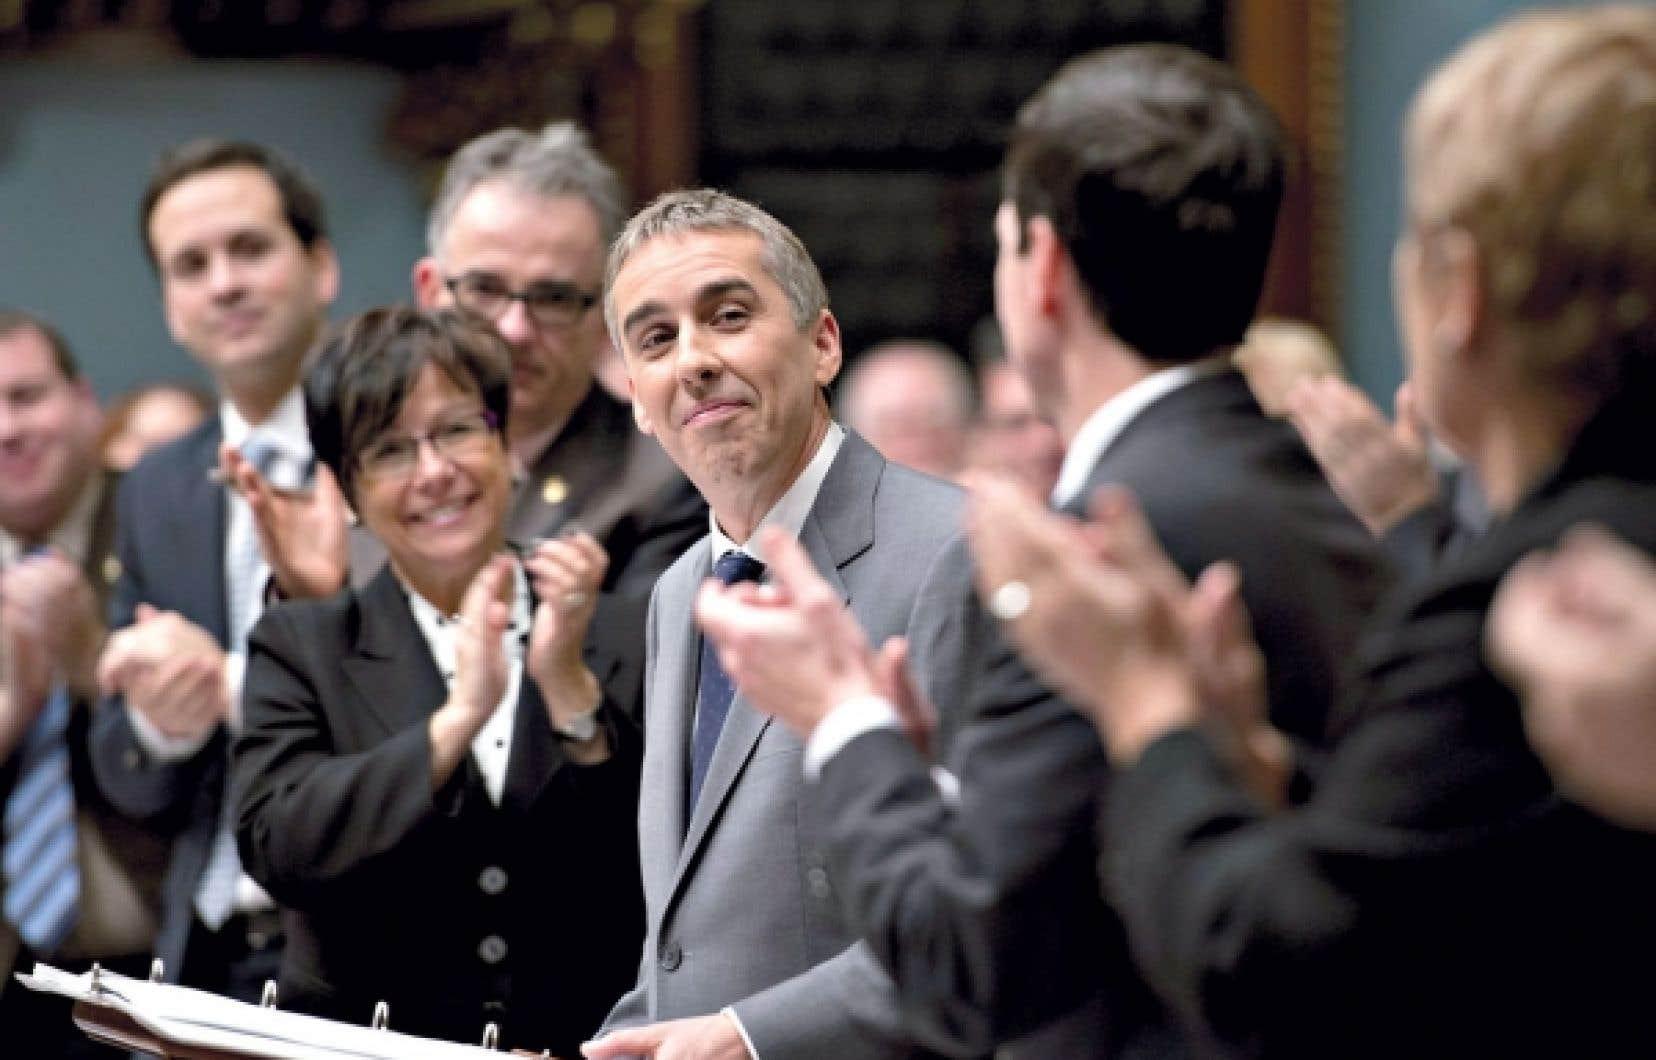 Le ministre des Finances, Nicolas Marceau, est applaudi pendant son discours du budget à l'Assemblée nationale.